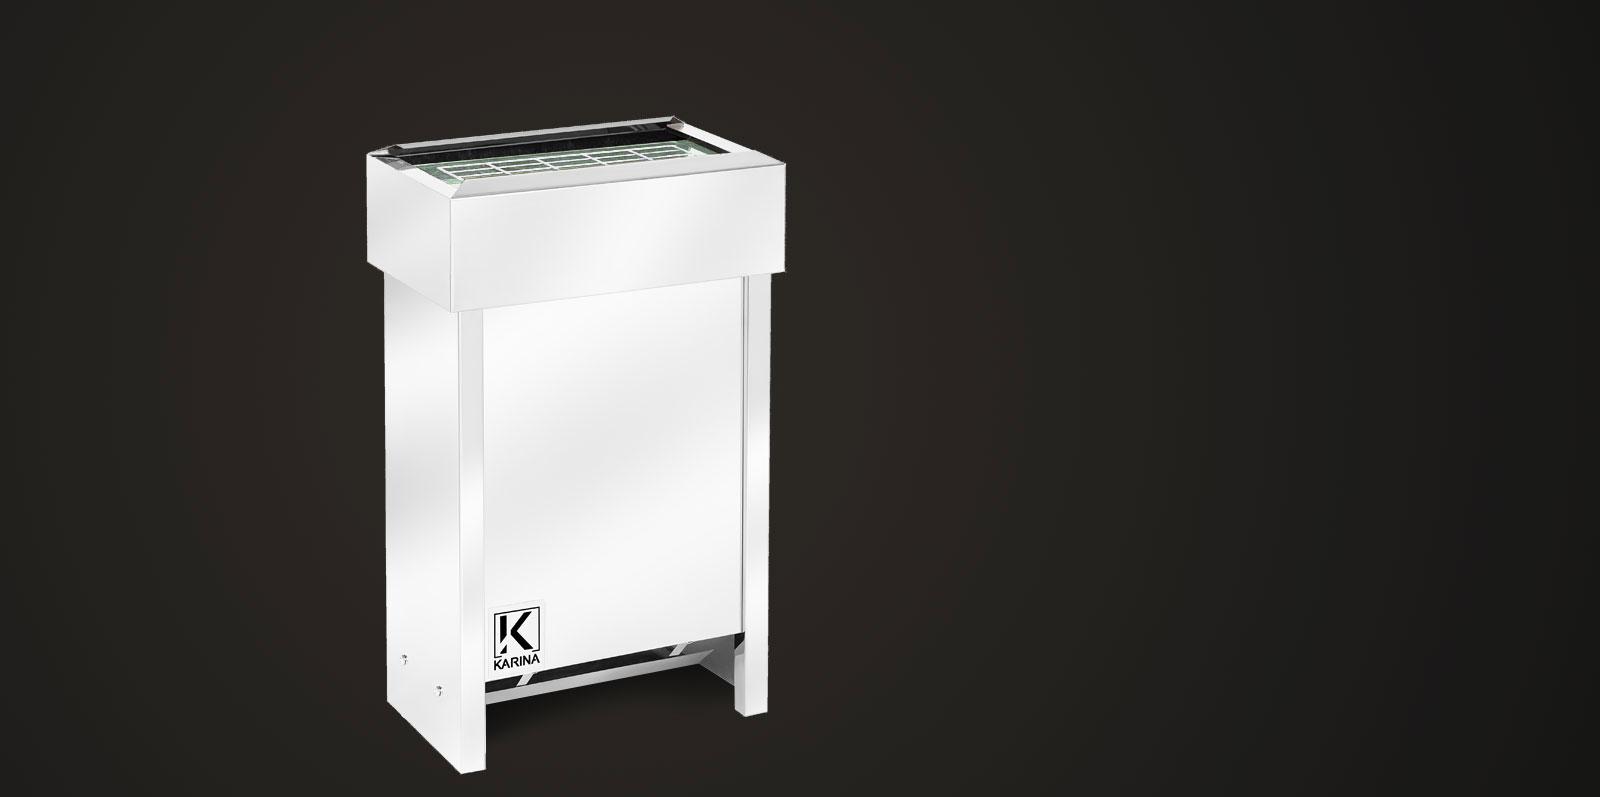 Электропечь KARINA Люкс в камне змеевик (Горизонтальный) 6 кВт